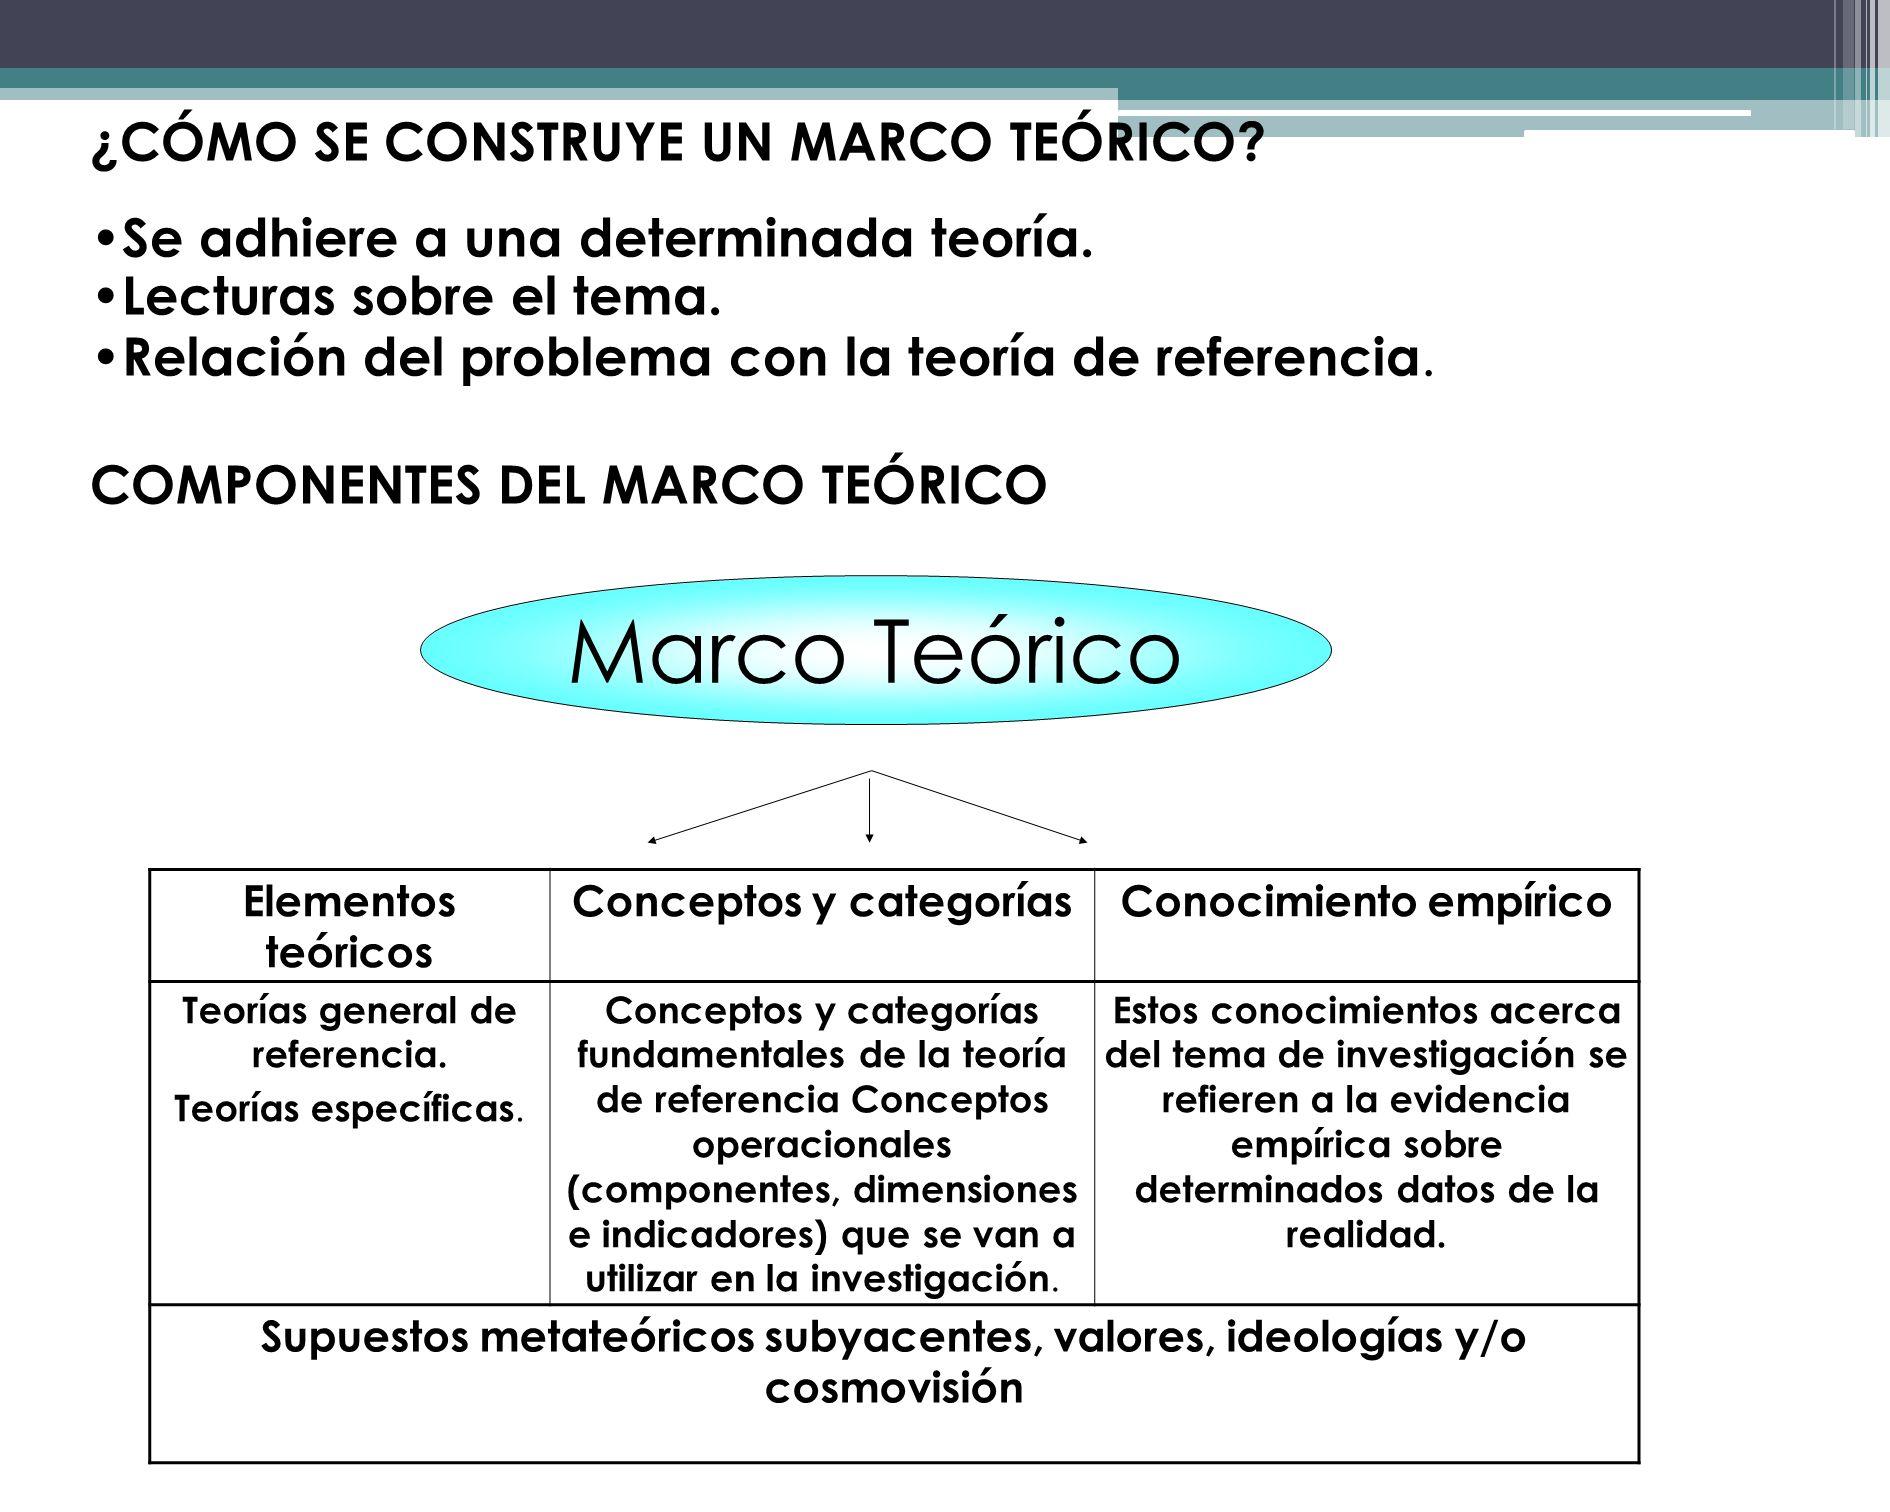 MARCO TEÓRICO Todo problema de investigación debe ser contextualizado, es decir, integrado en un marco teórico o de referencia. Orienta el proceso de